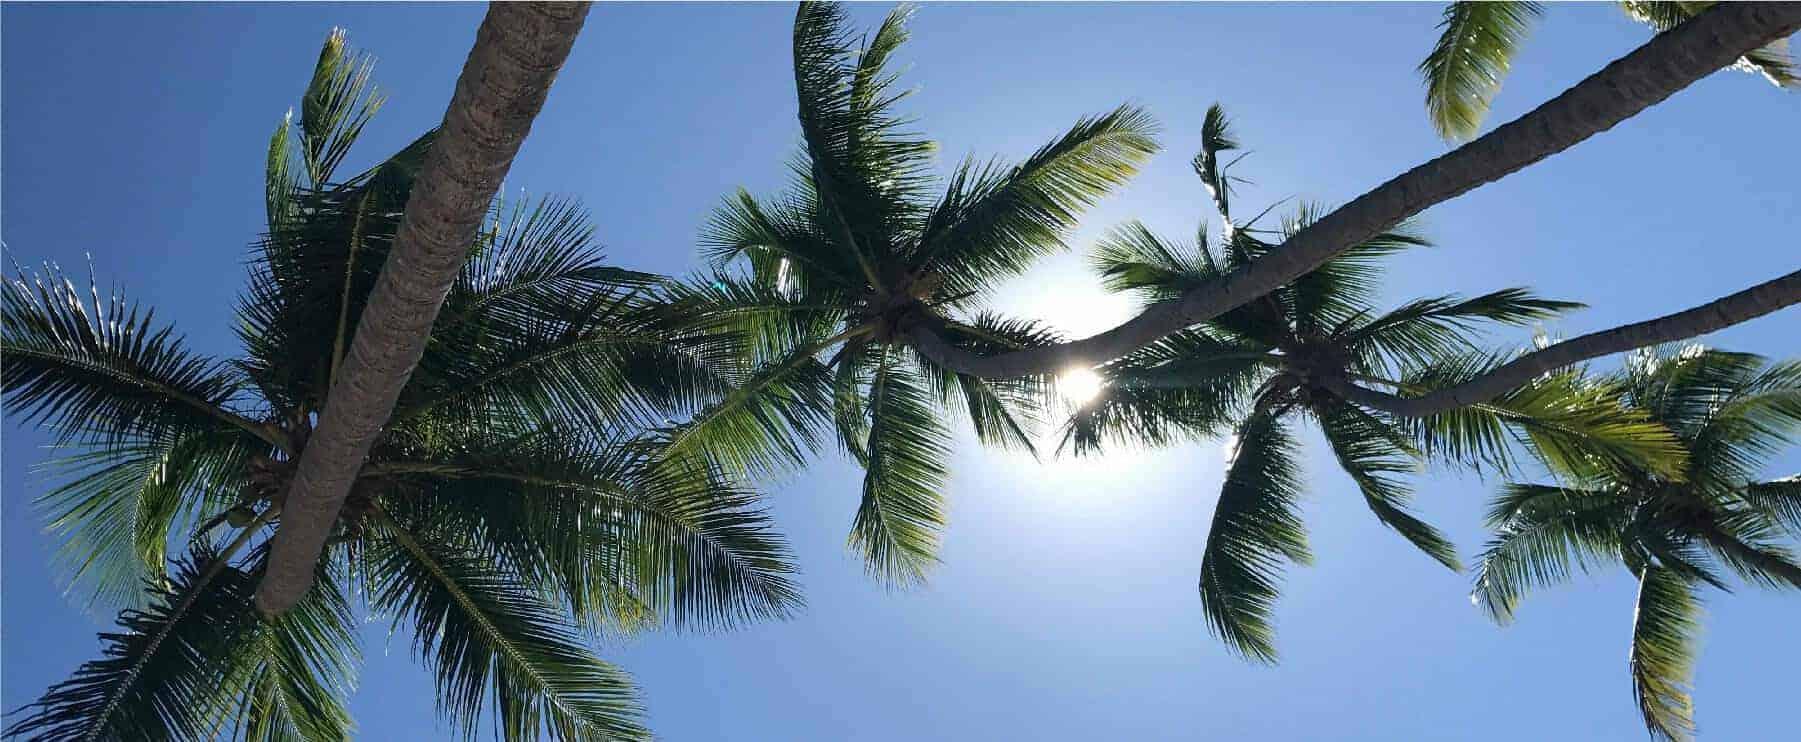 Imagen de slider del home page del website de Caribbean Soaps con texto de Bienvenido al Caribe y con imagen de palmas en la playa de Rincón Hecho en Puerto Rico